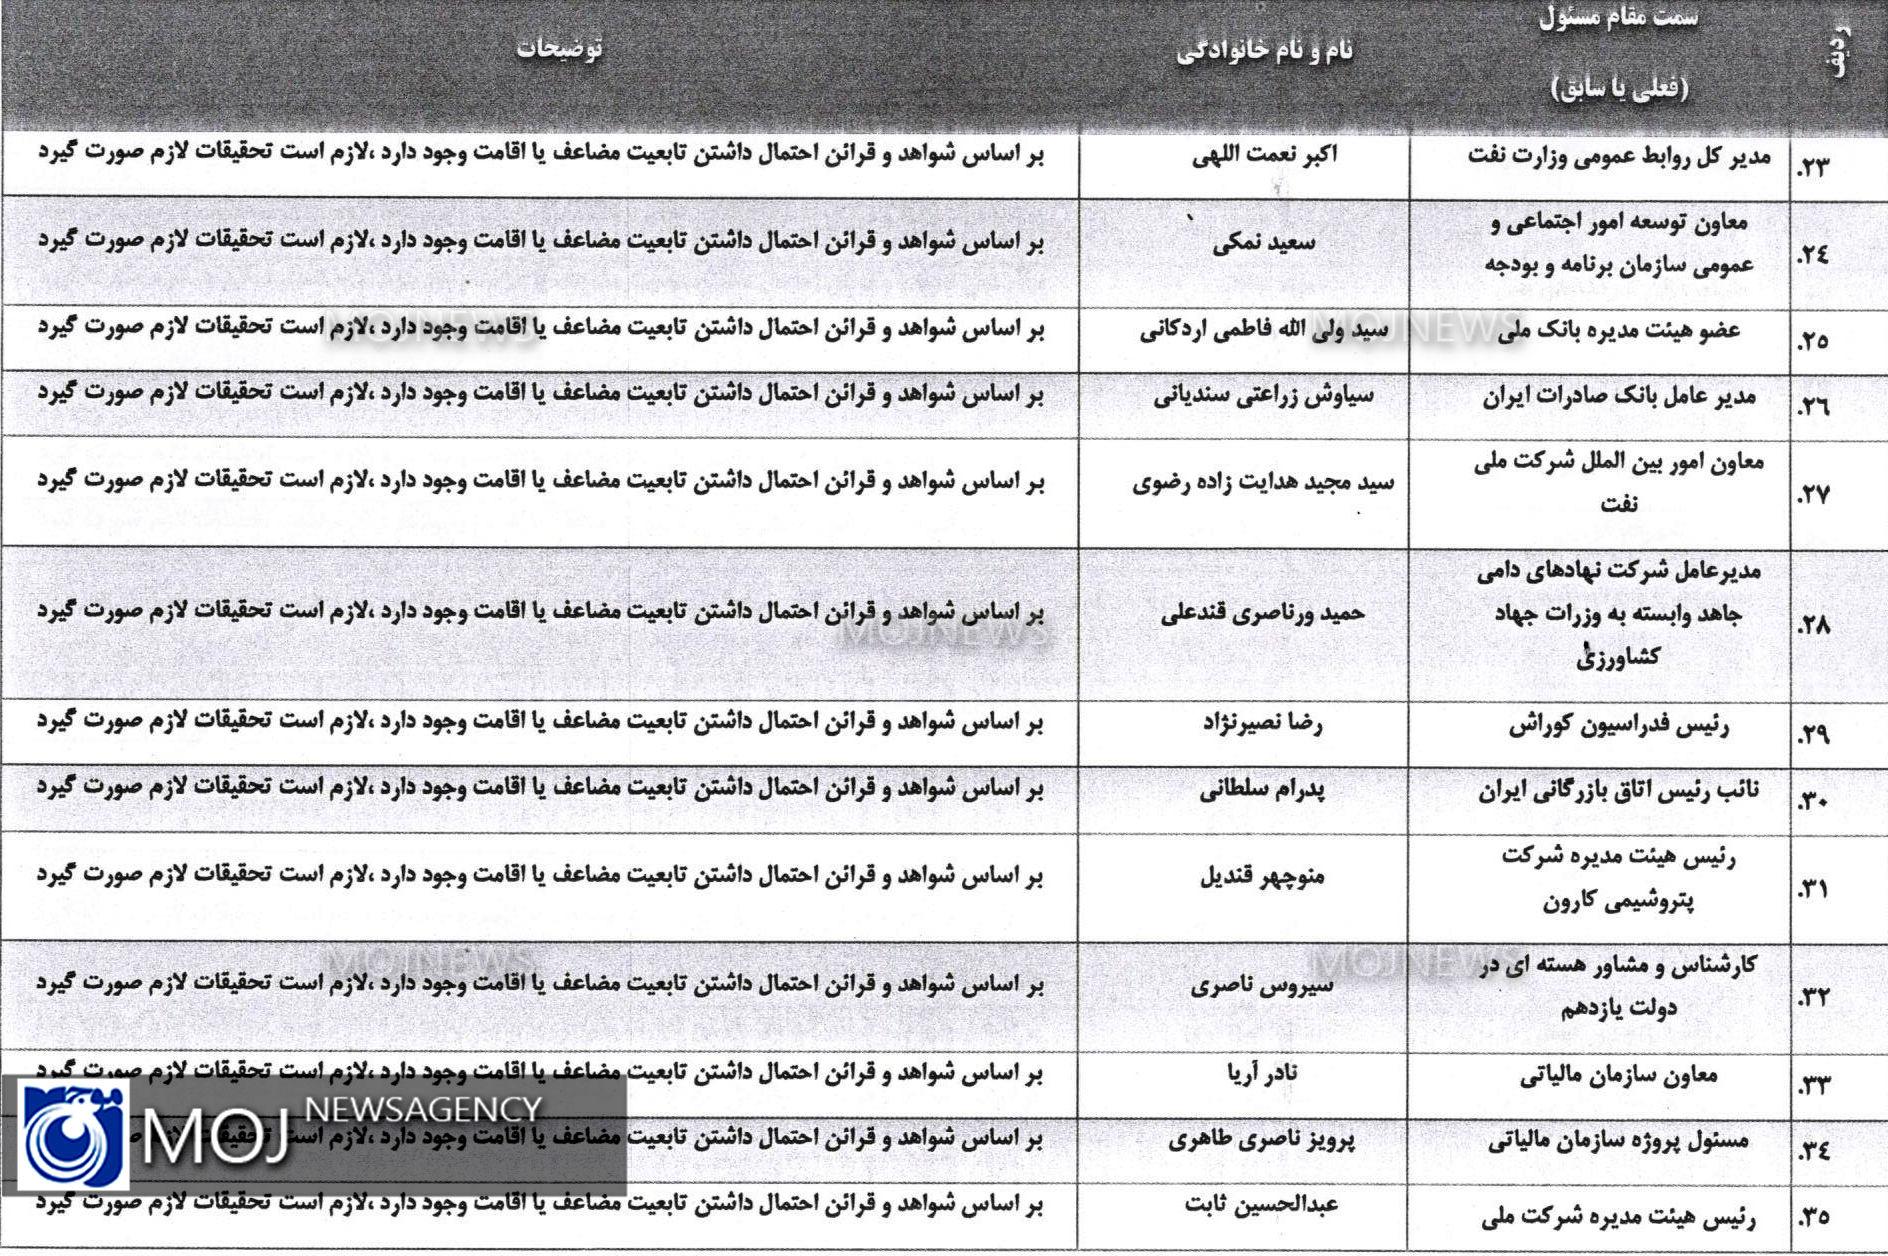 لیست افراد دو تابعیتی بر اساس شواهد و قرائن 3